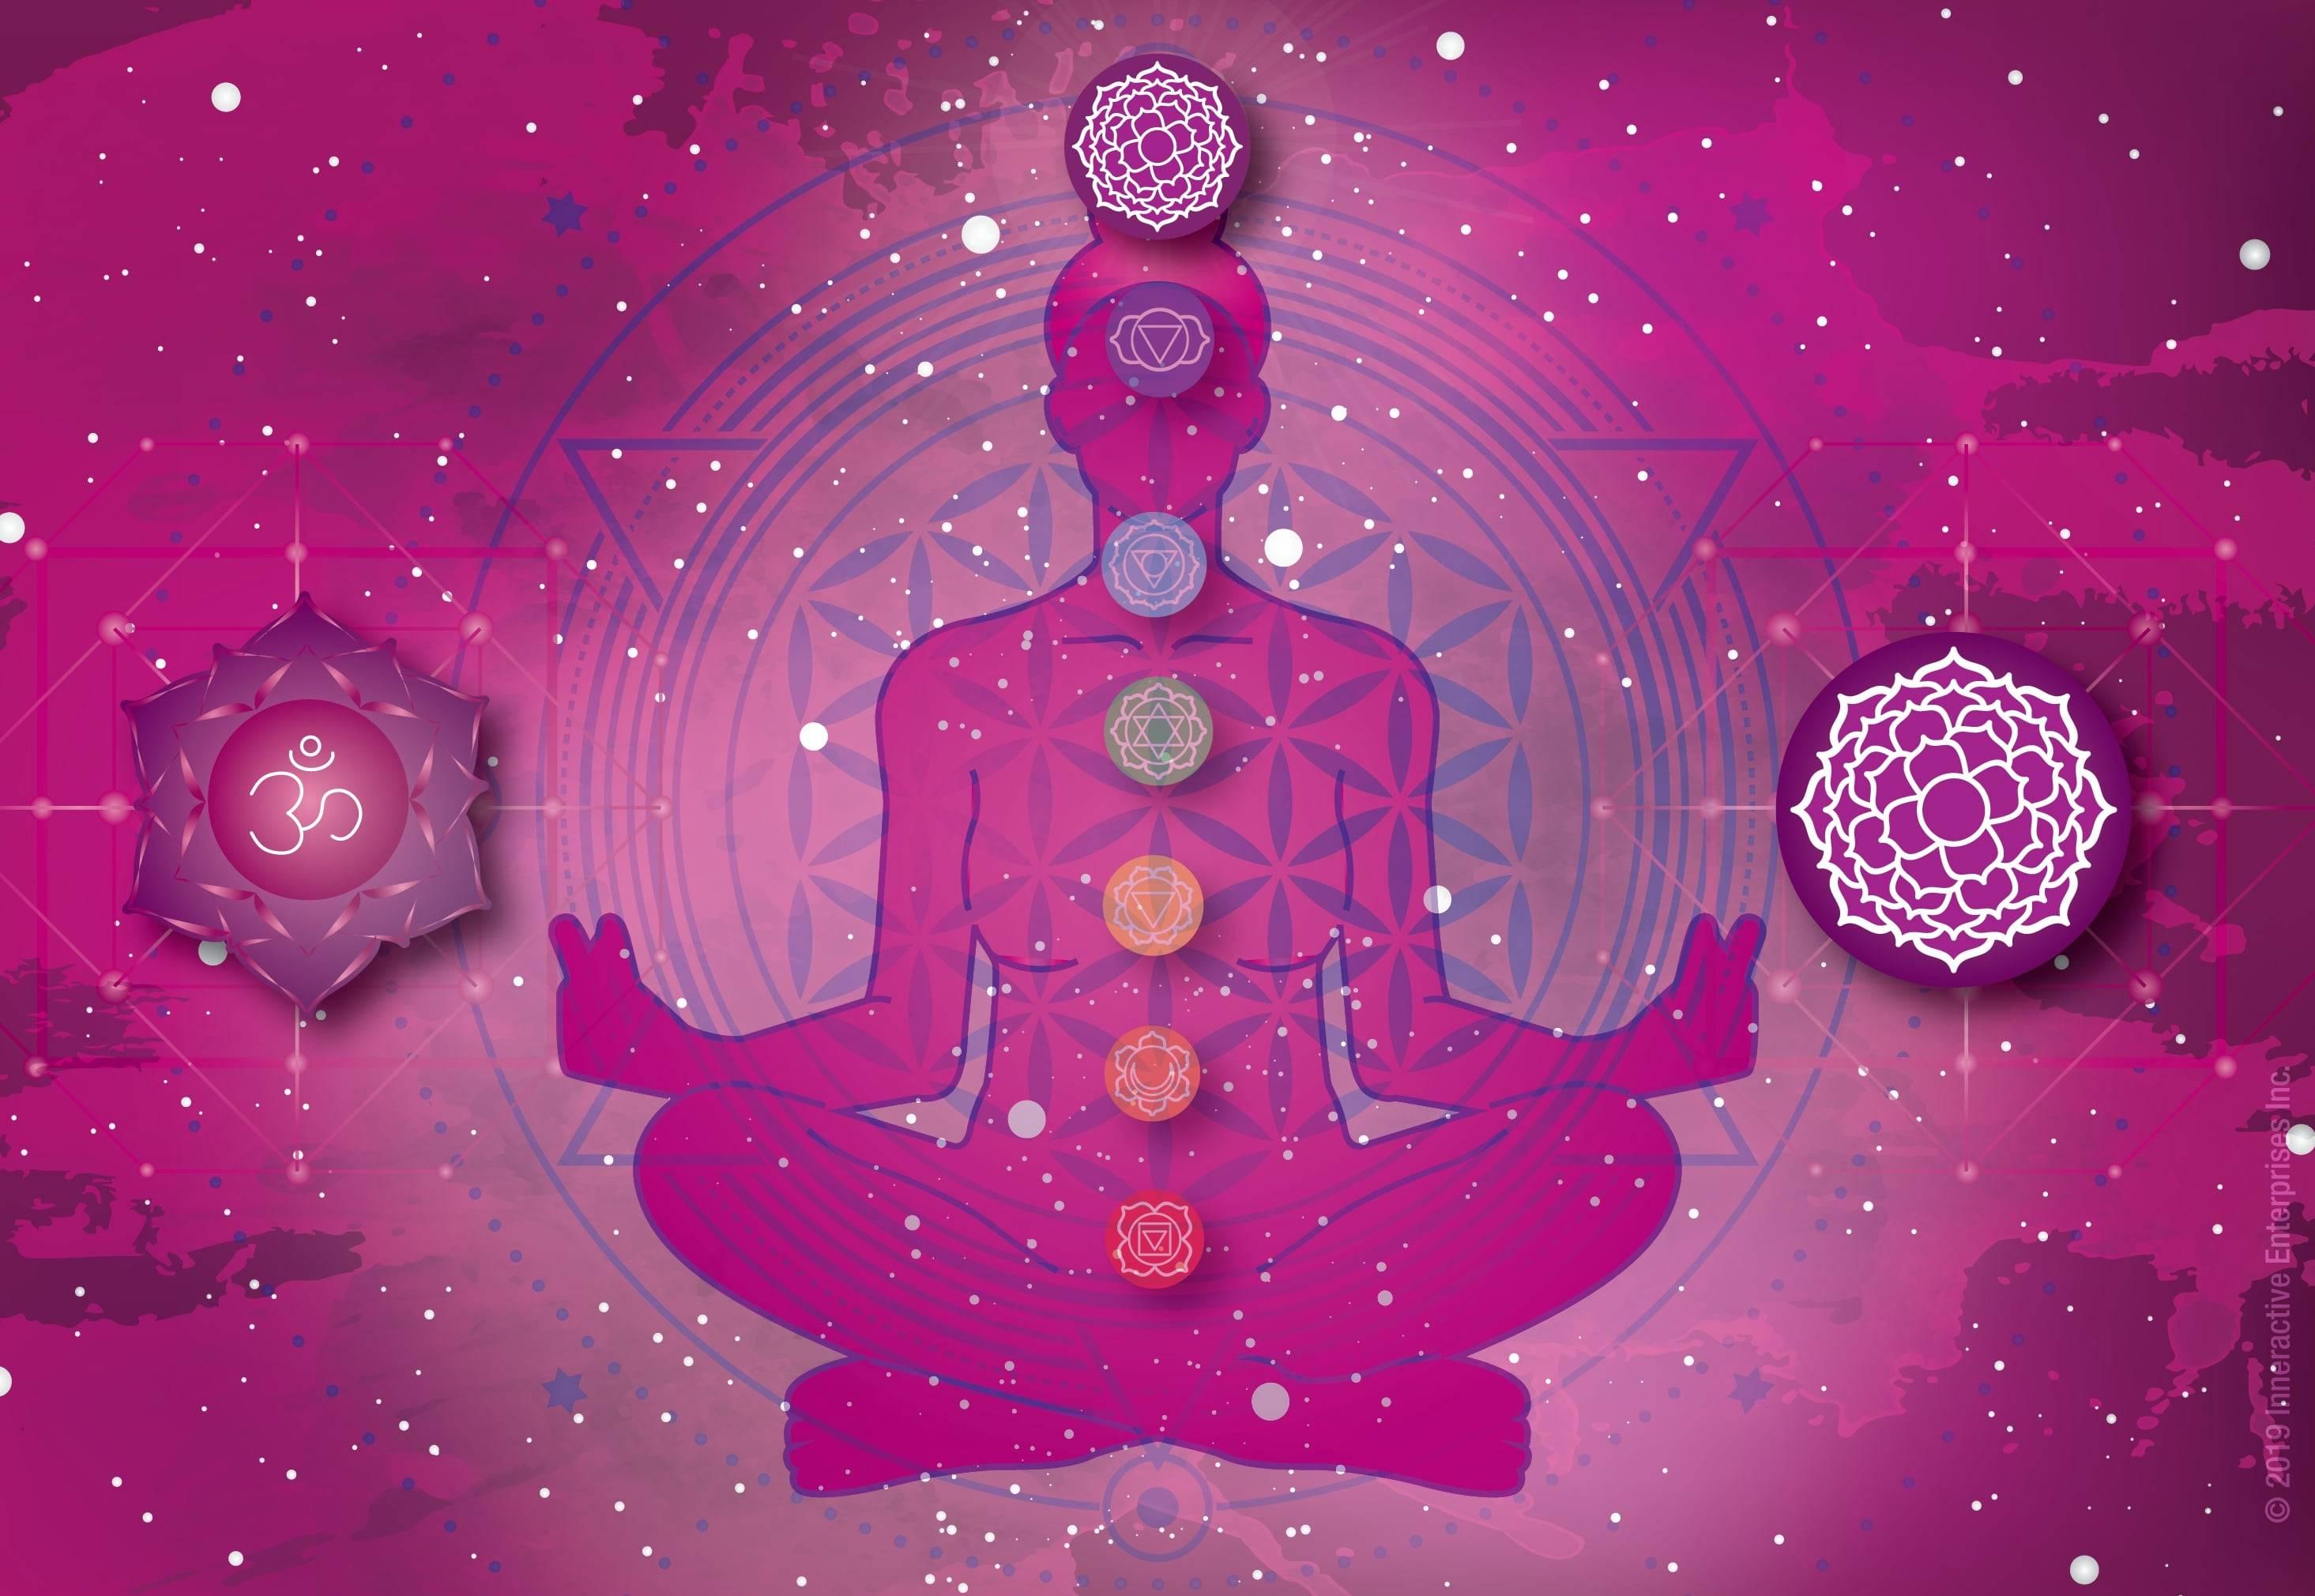 Активация чакр. упражнения по увеличению энергии муладхары - планетарная йога: для тех, кого интересует развитие